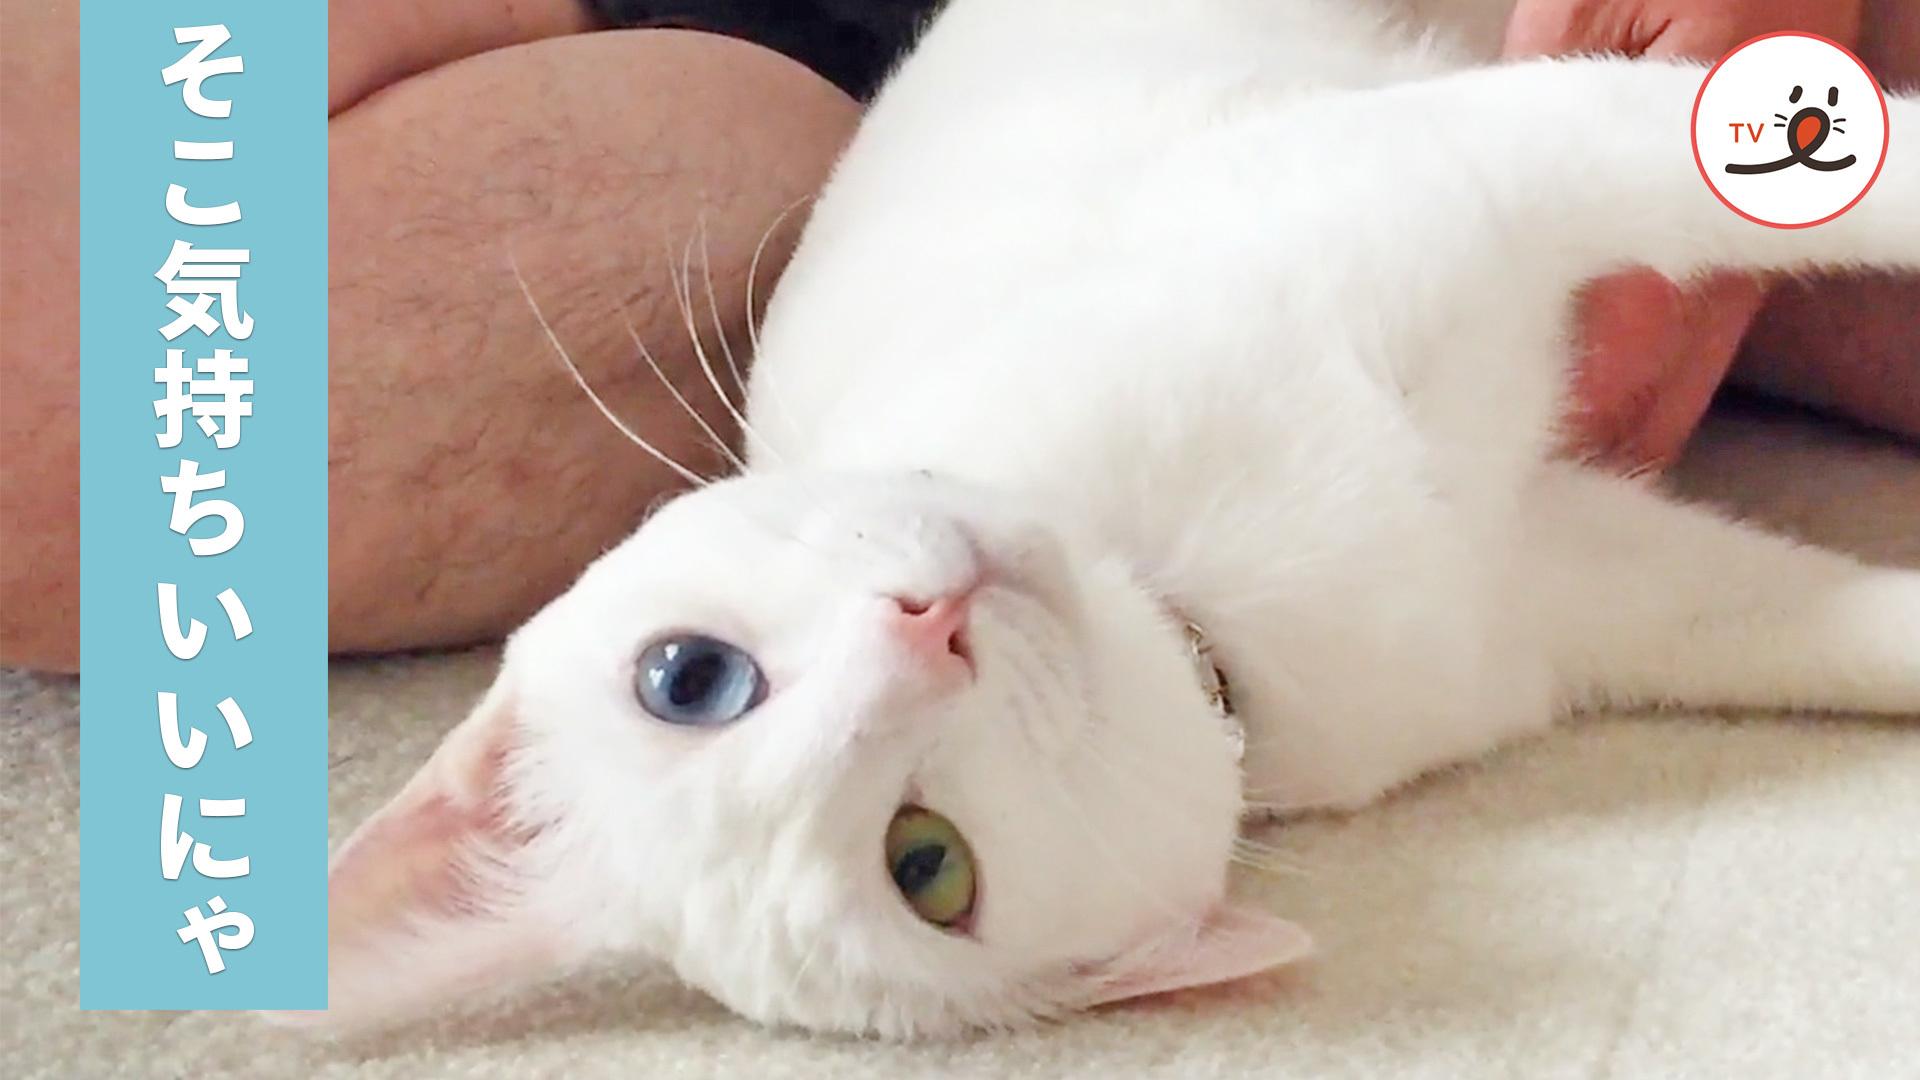 お尻のマッサージが大好きな猫ちゃん😽 全身で気持ちよさを表現💕